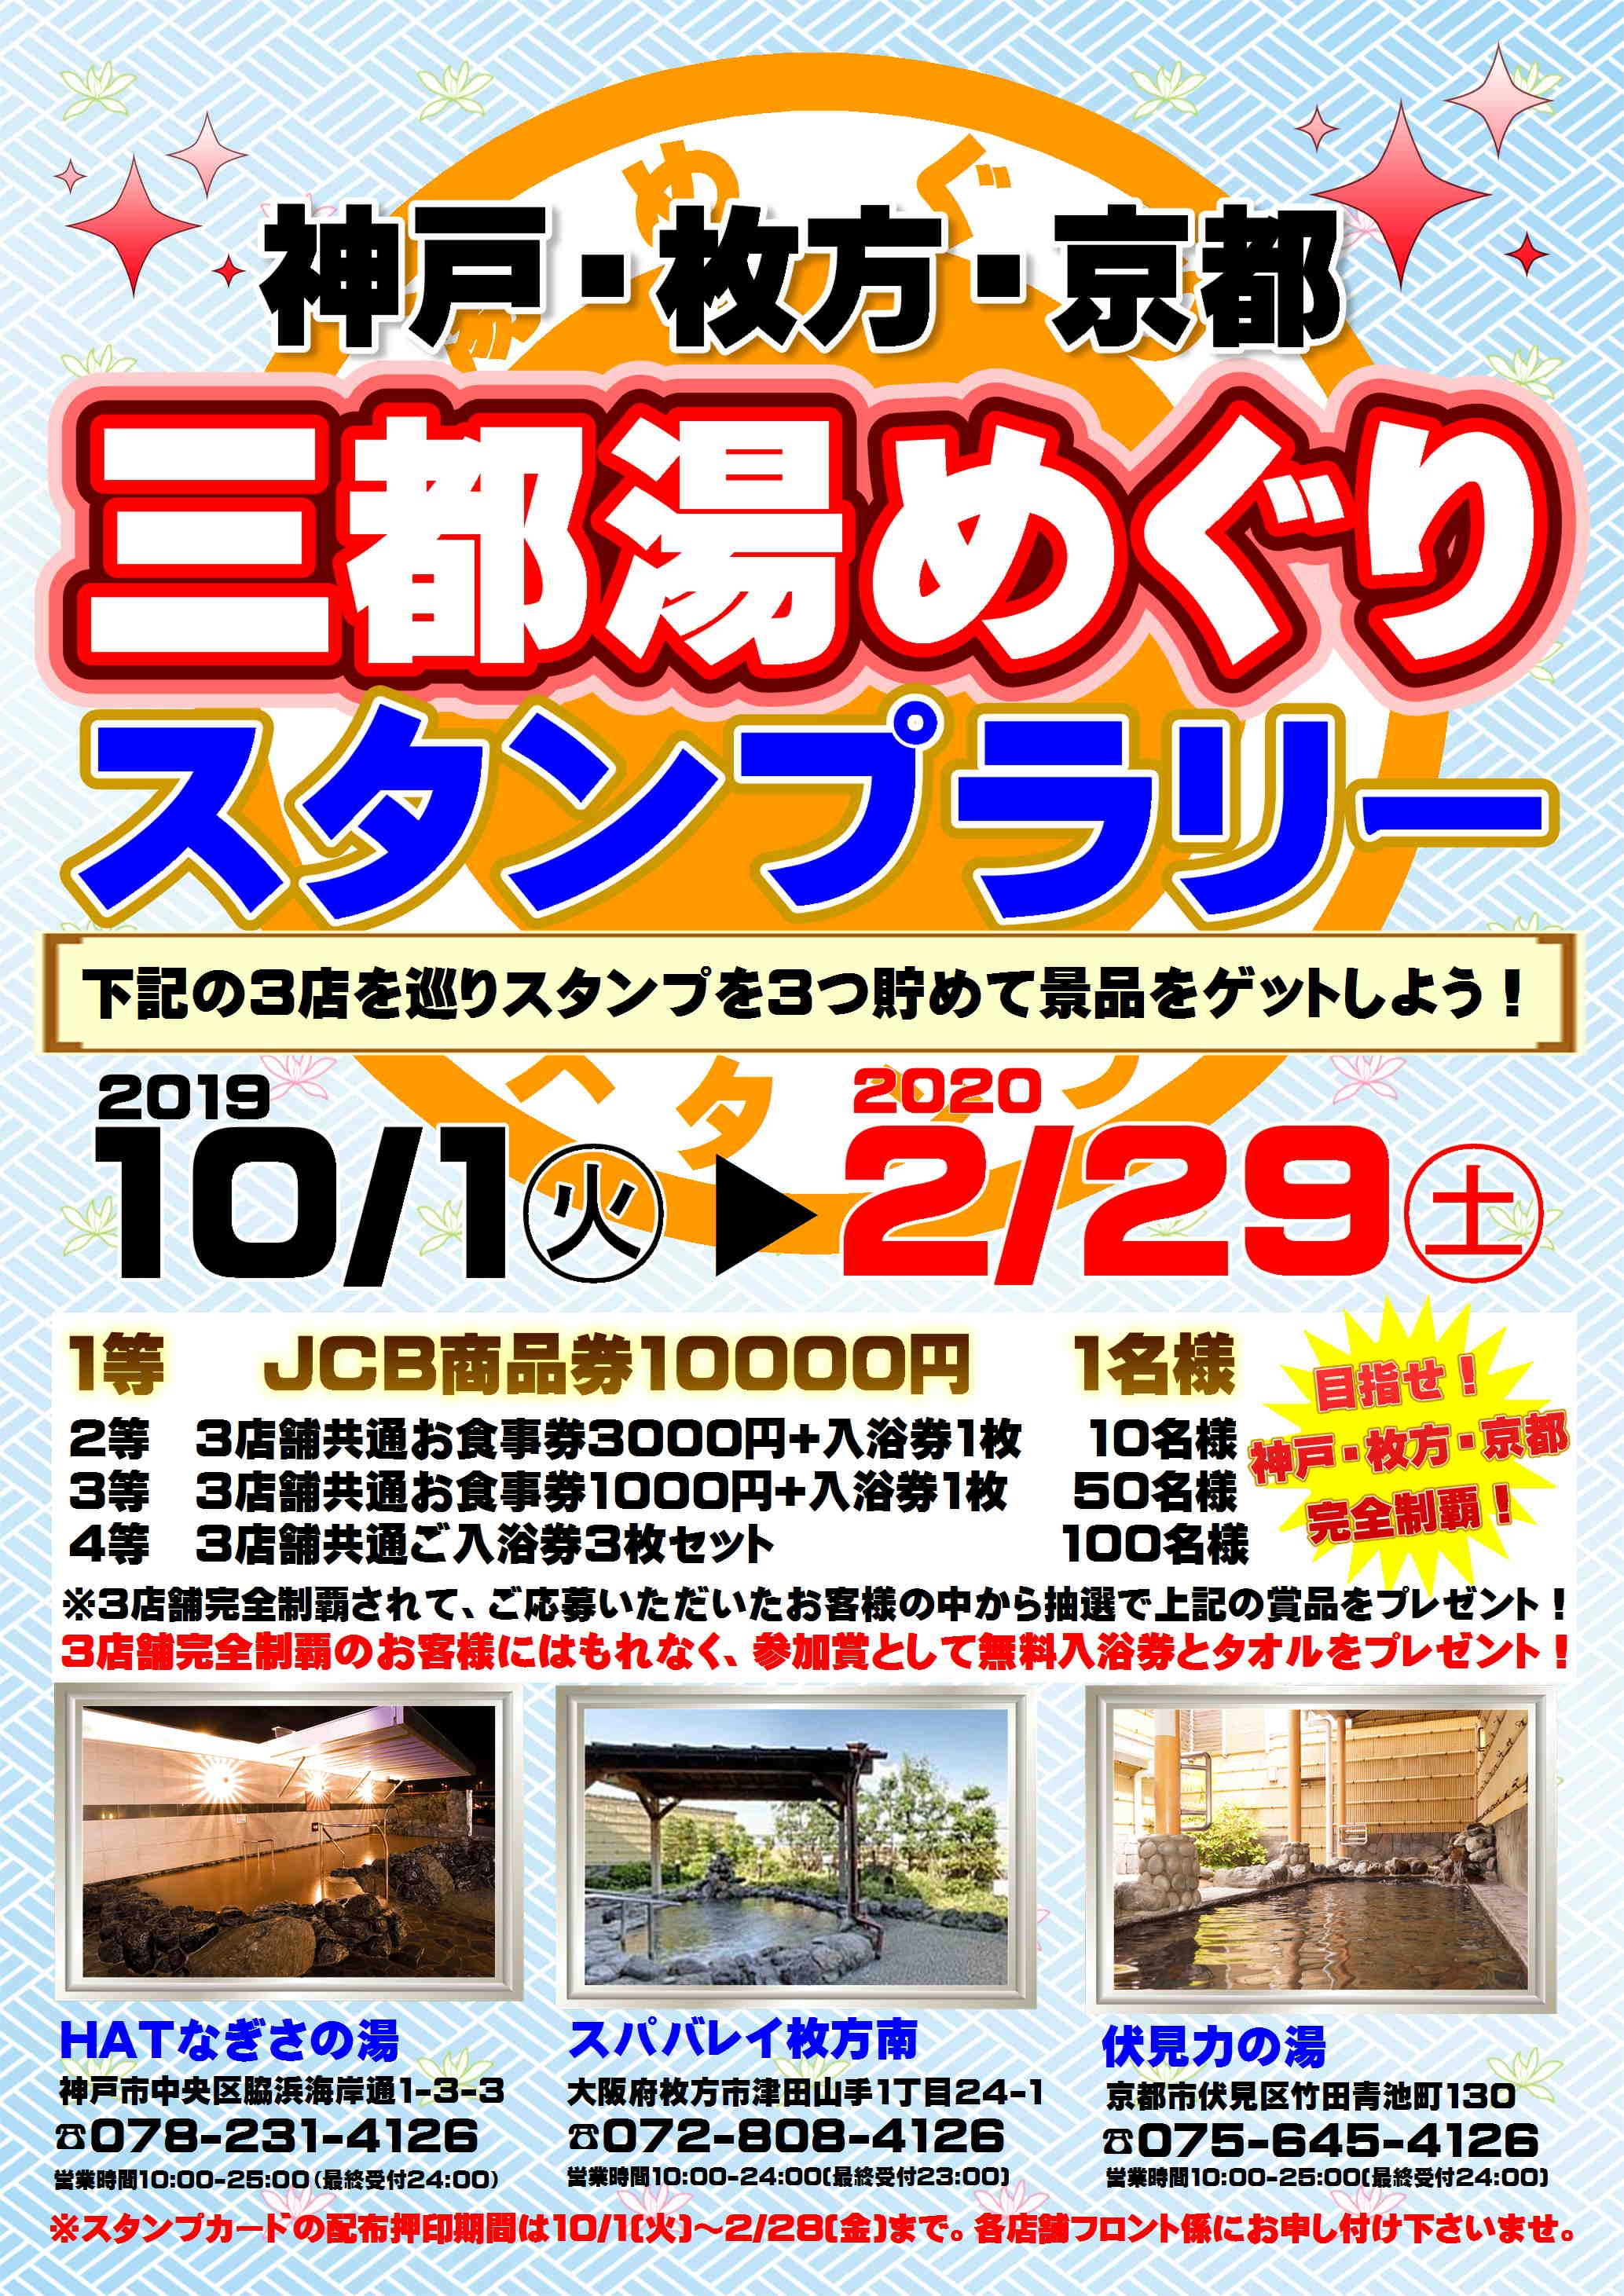 「三都湯めぐりスタンプラリー」2/29まで開催!